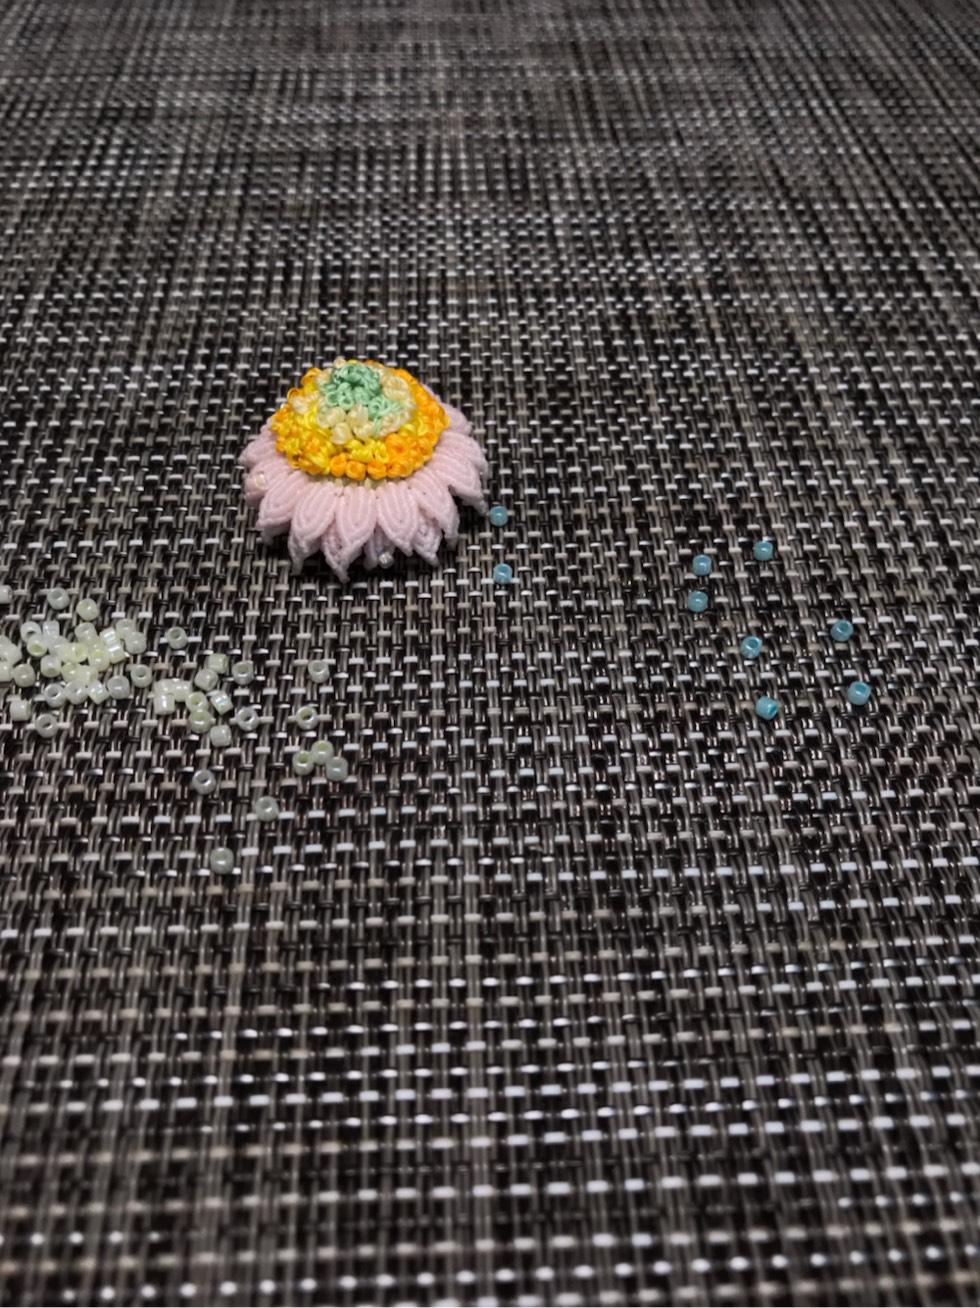 中国结论坛 奶油向日葵 向日葵奶油花做法,奶油向日葵鲜切花,向日葵裱花蛋糕,奶油向日葵别名,奶油向日葵养护 作品展示 221628s464766ns60o0oq1